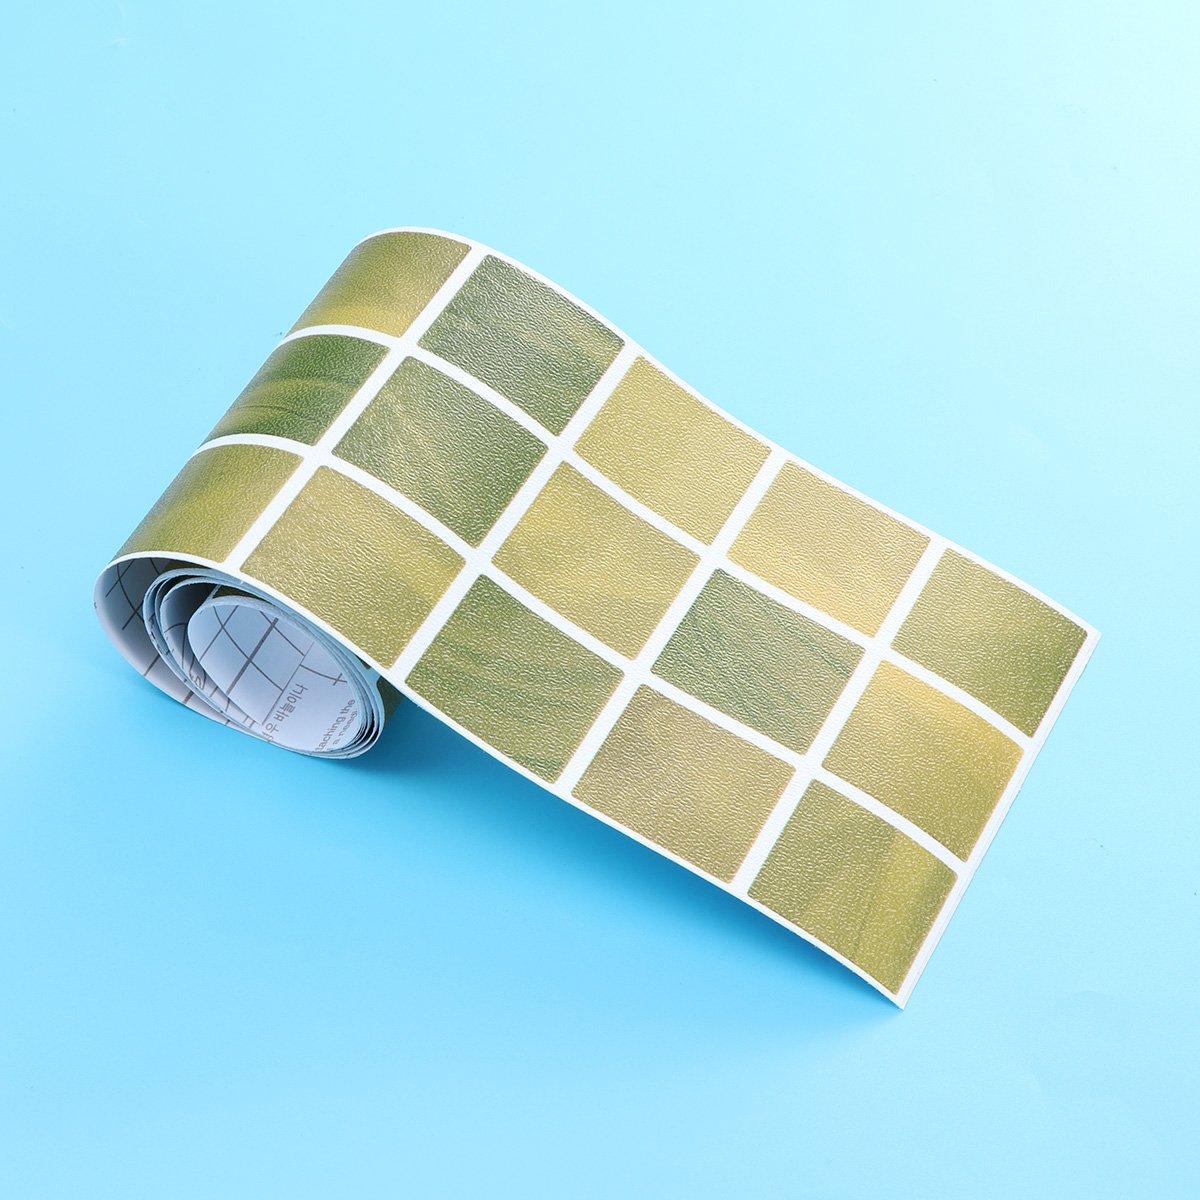 BESTONZON Selbstklebender Mosaik Fliesen Aufkleber Entfernbarer  Wasserdichter Marmor Entwurf Schälen Und Haften Backsplash: Amazon.de:  Küche U0026 Haushalt